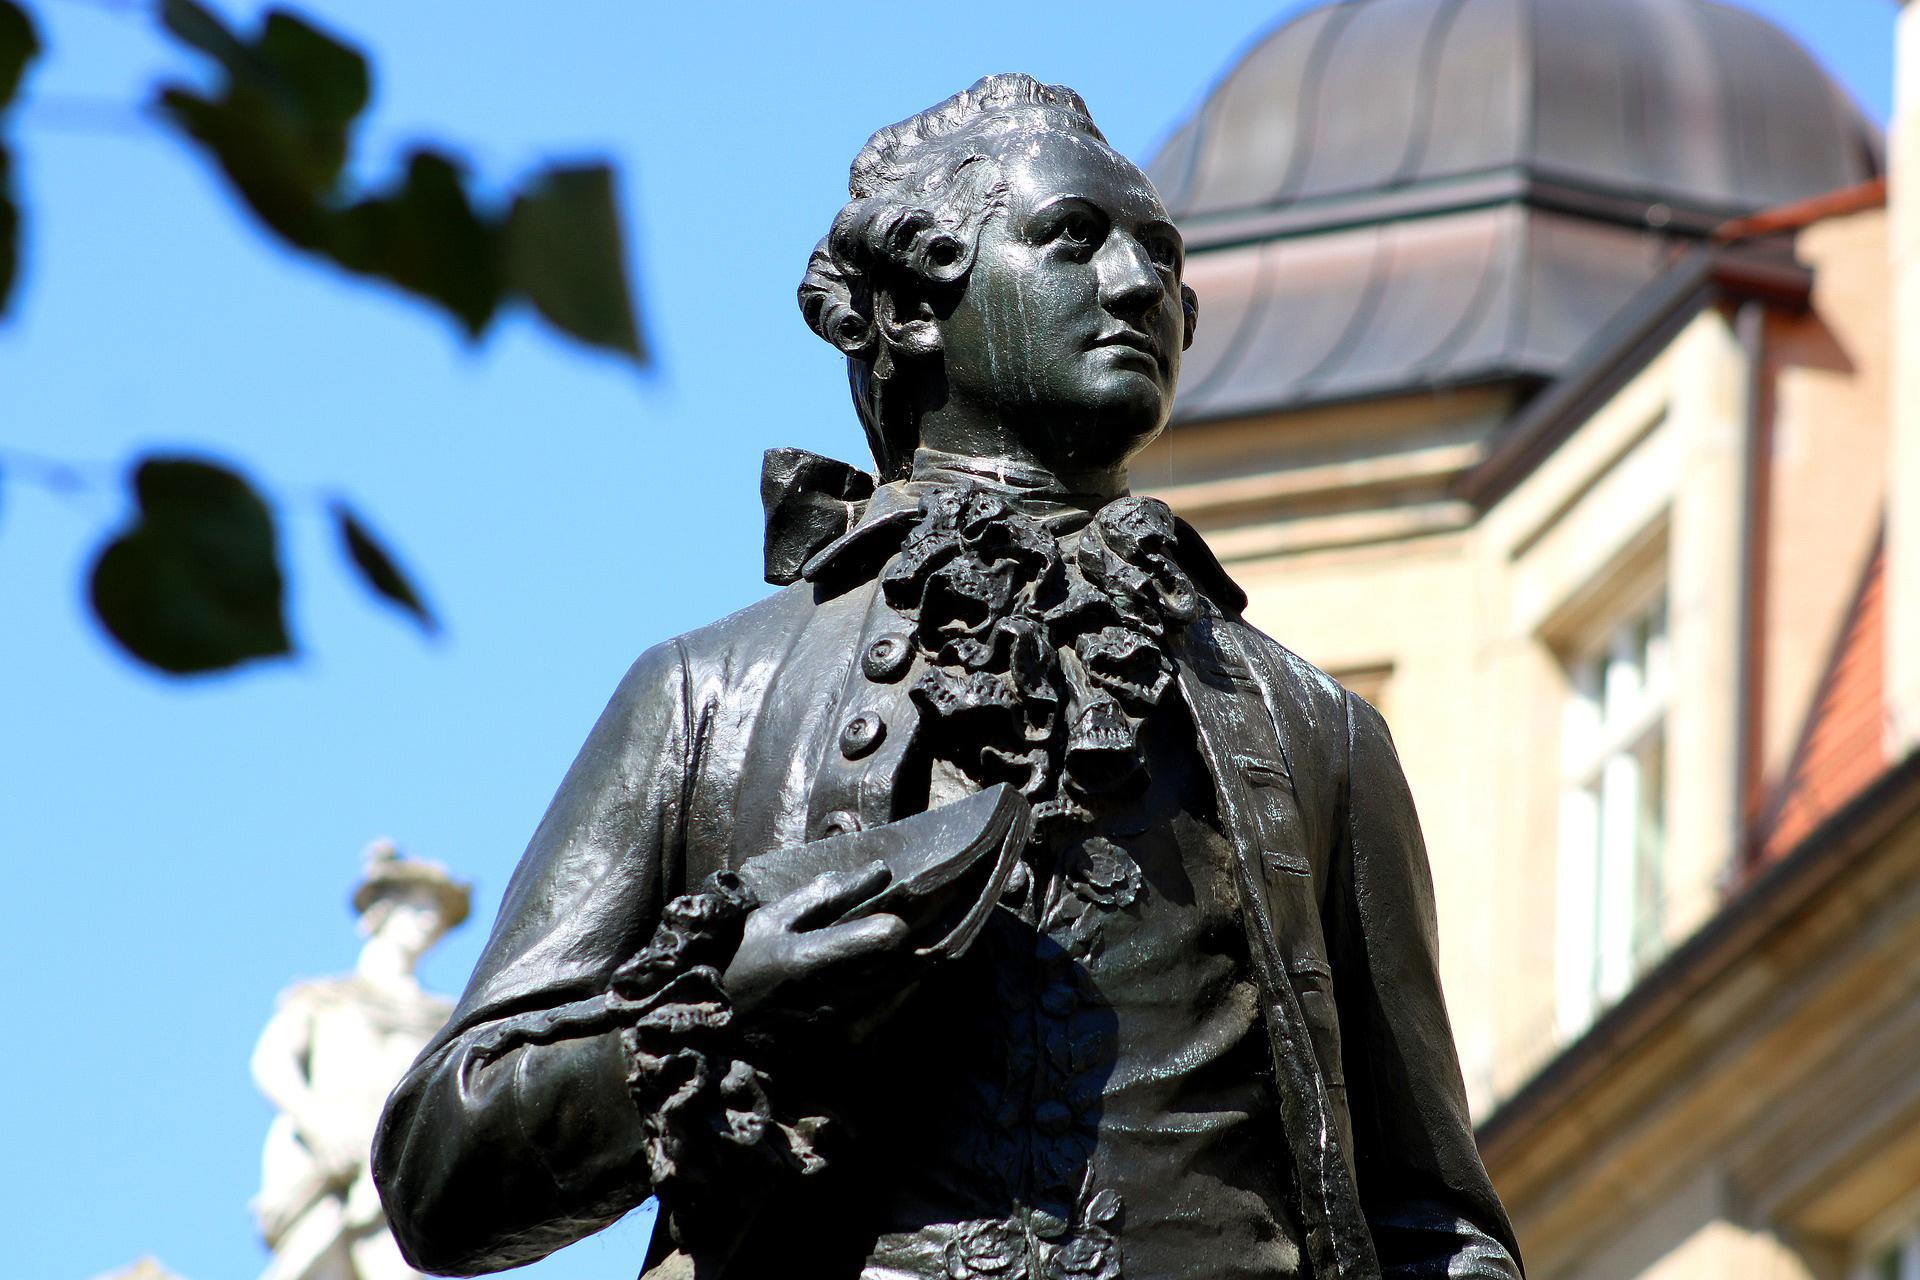 Das Goethe-Denkmal in Leipzig. Junge, aufstrebende Musiker haben dem Dichter regelmäßig vorgespielt. So auch die 12-jährige Clara Schumann © scholacantorum/Pixabay